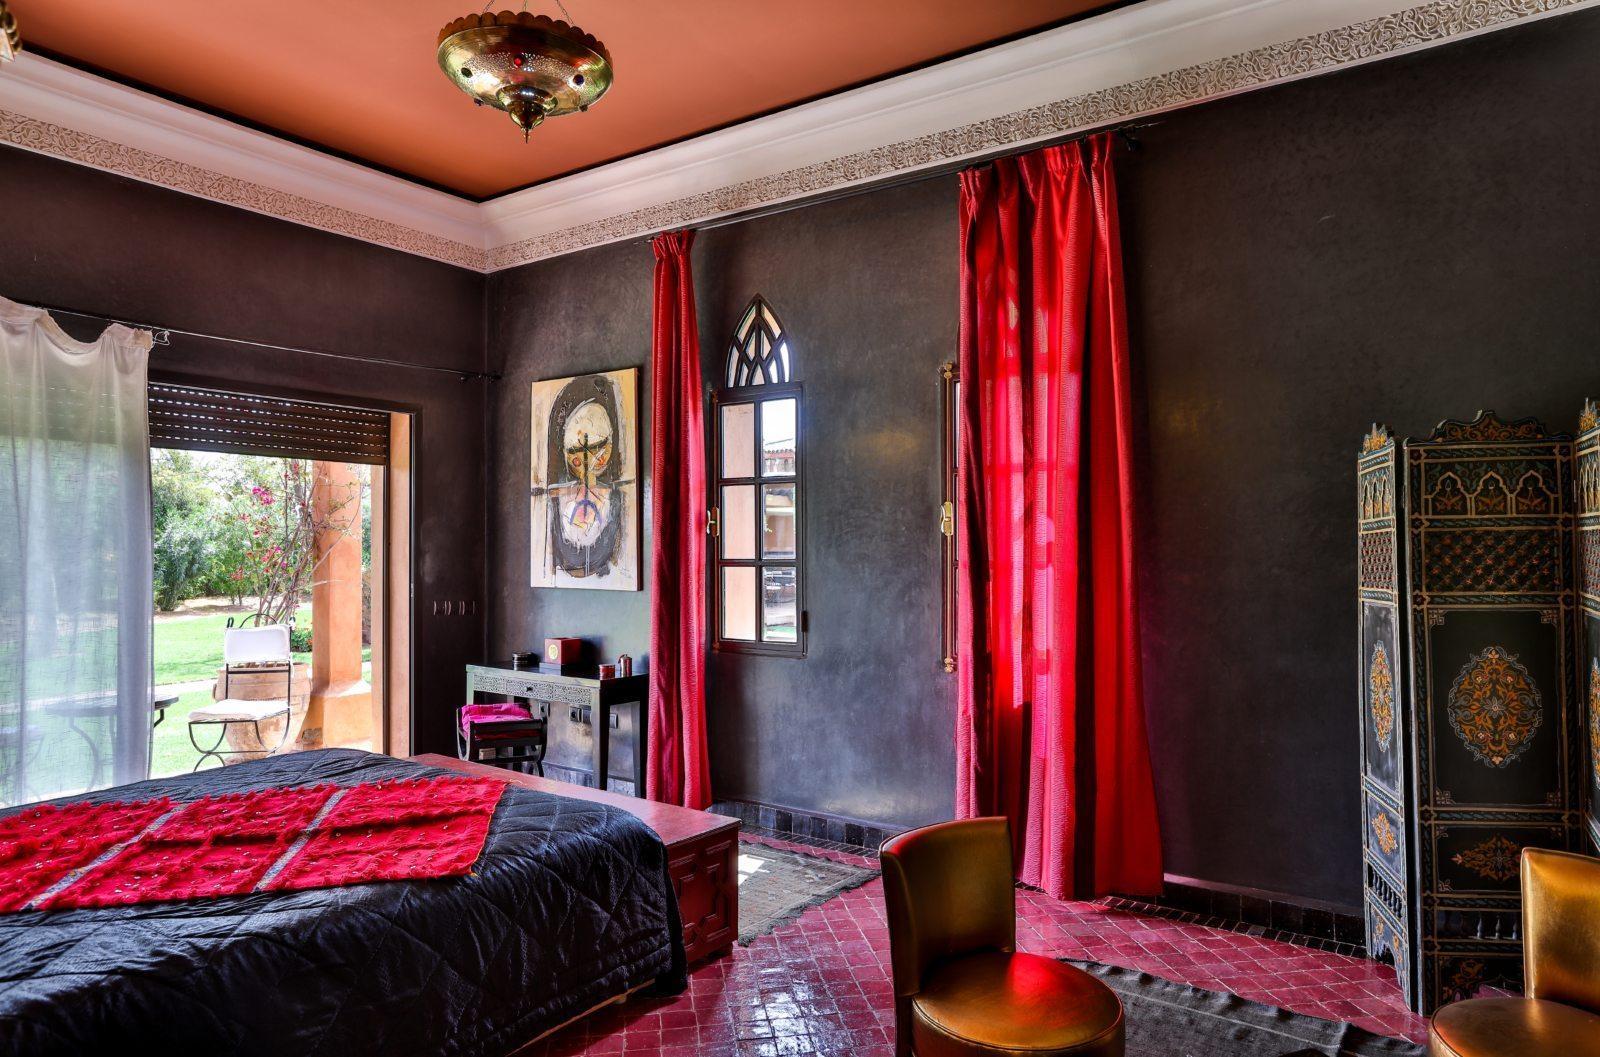 Hotel Avec Jacuzzi Dans La Chambre Bordeaux